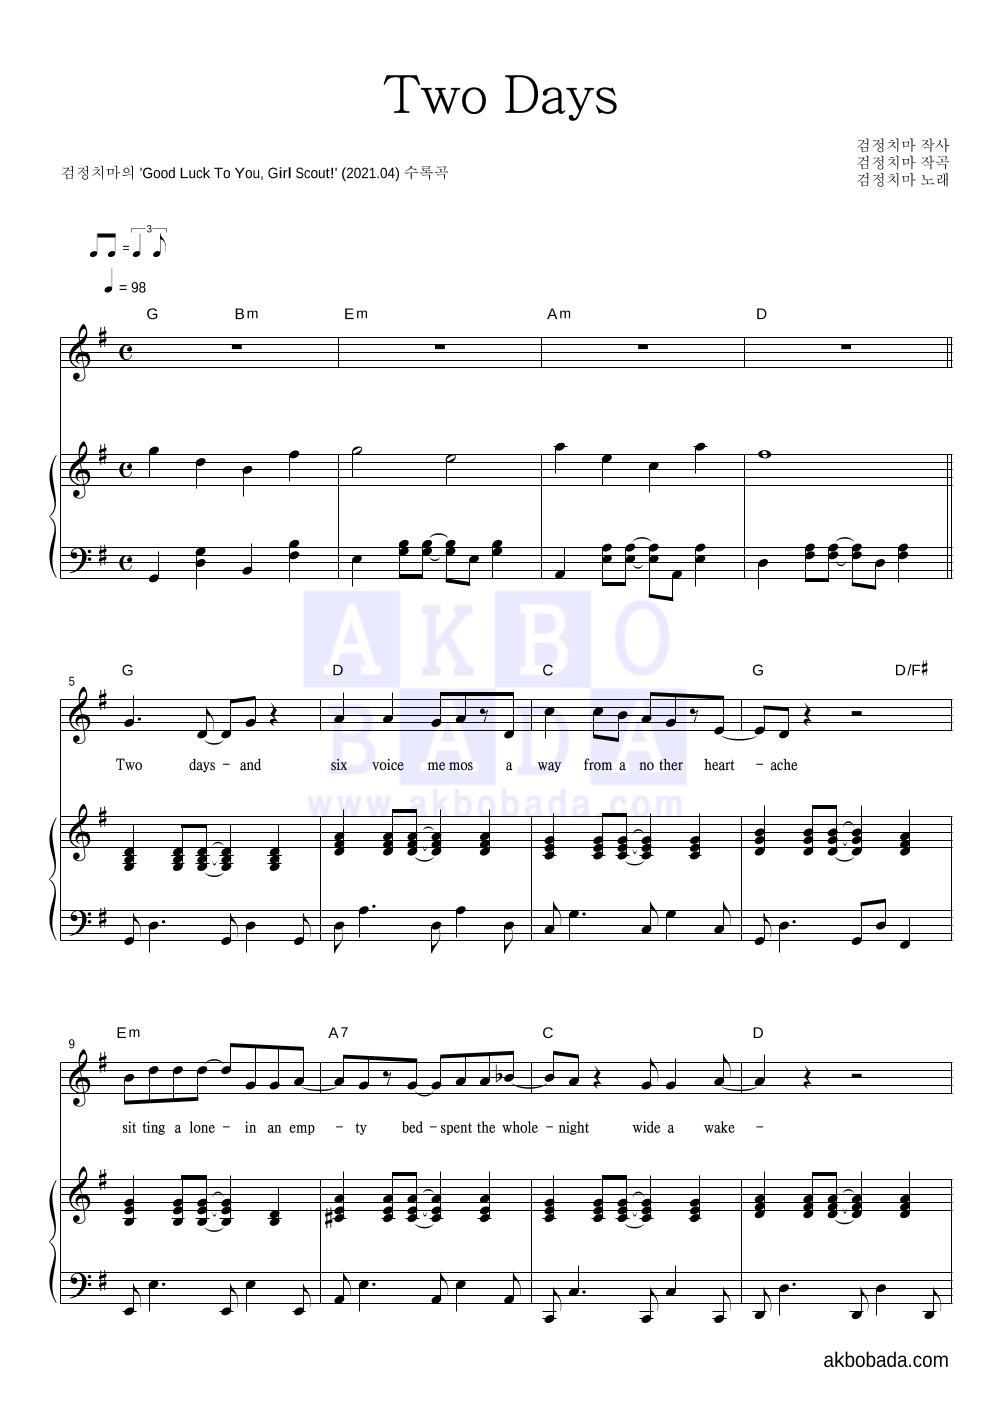 검정치마 - Two Days 피아노 3단 악보